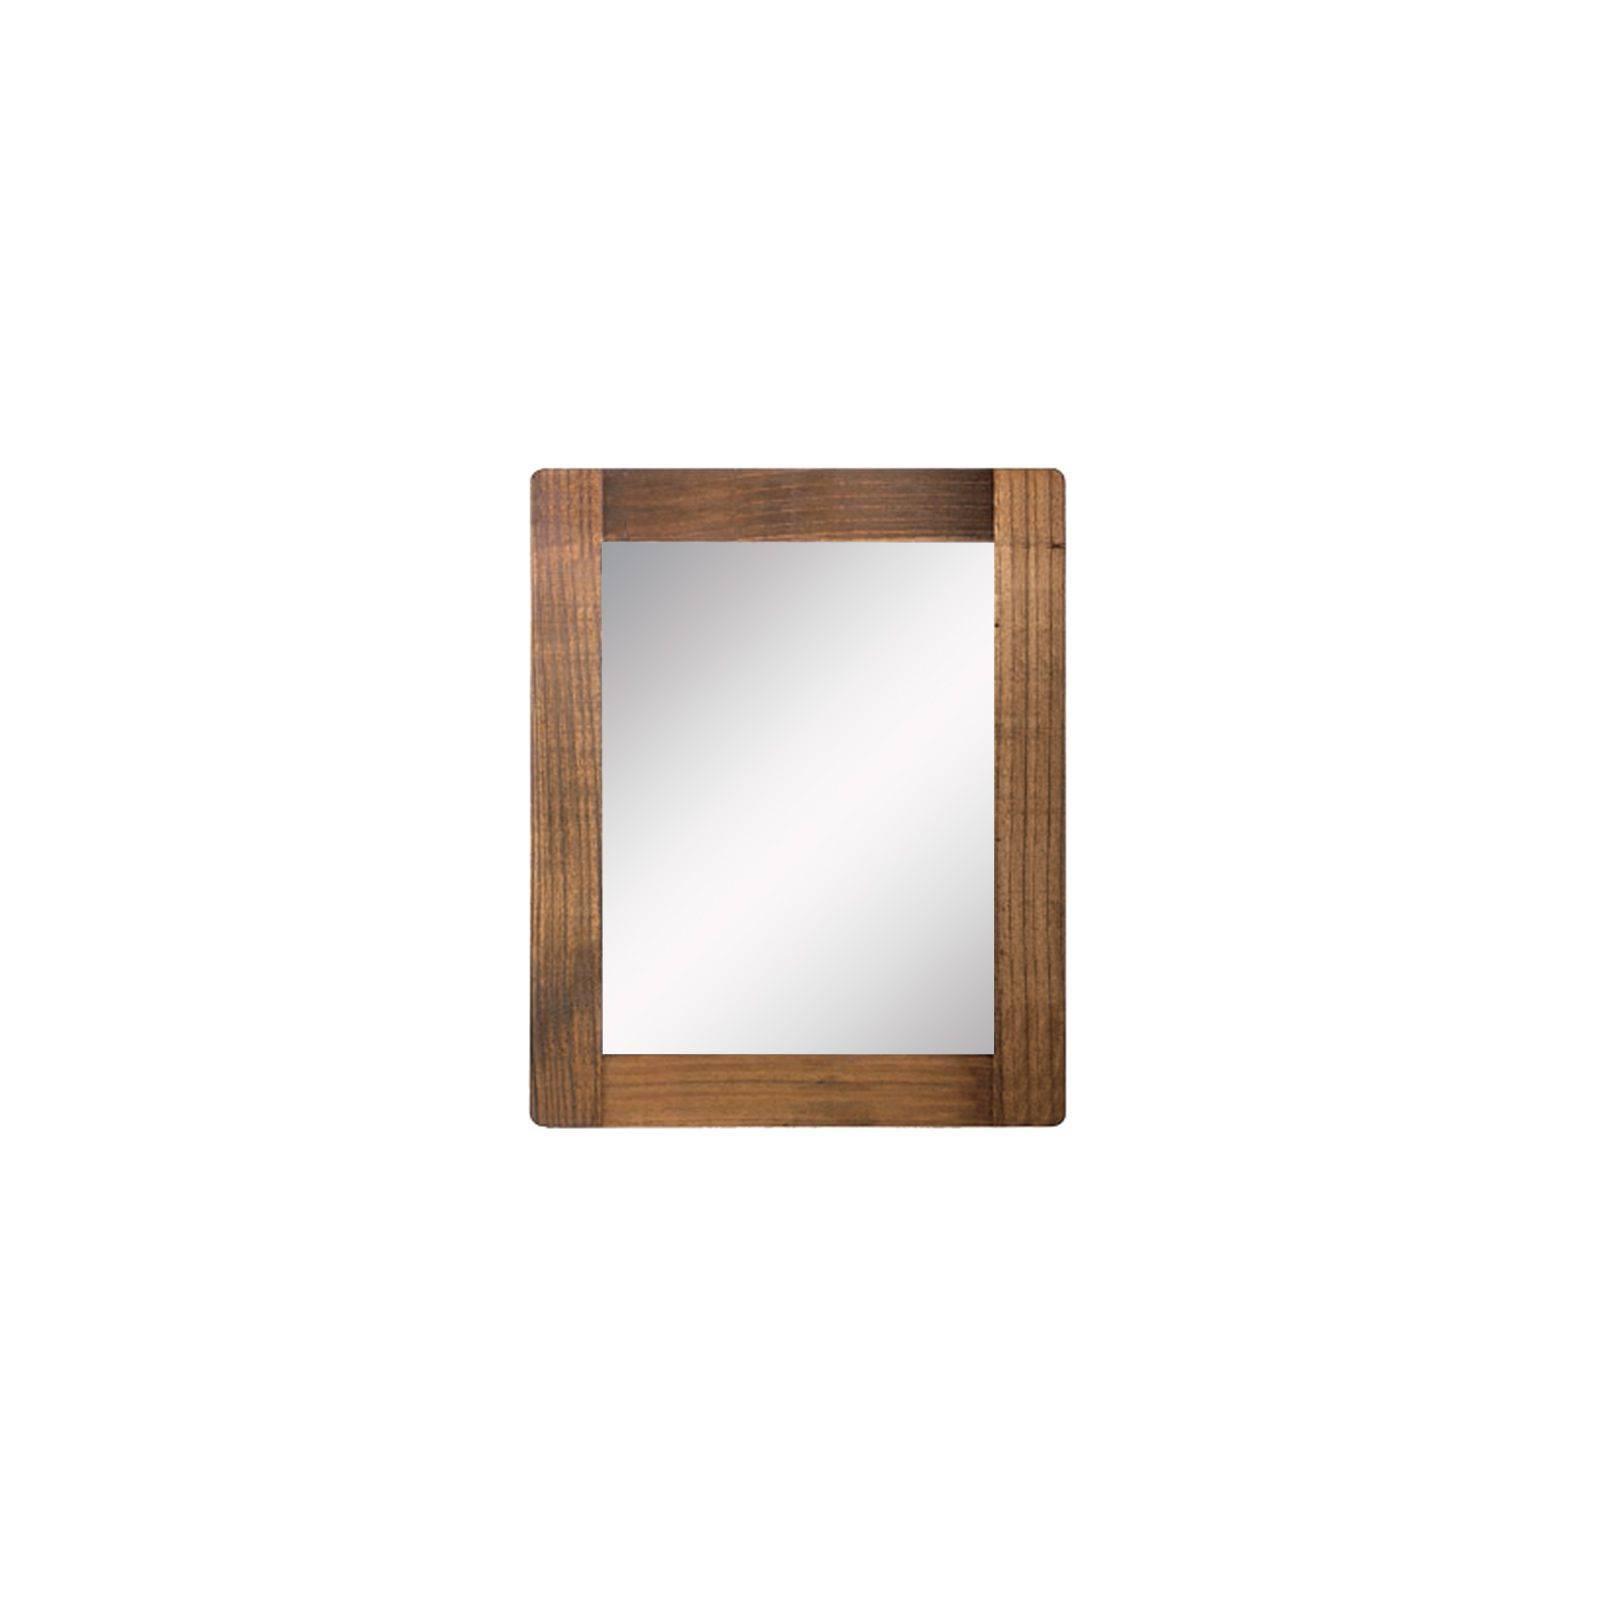 Miroir Rétro Mindi Massif - achat de meubles déco